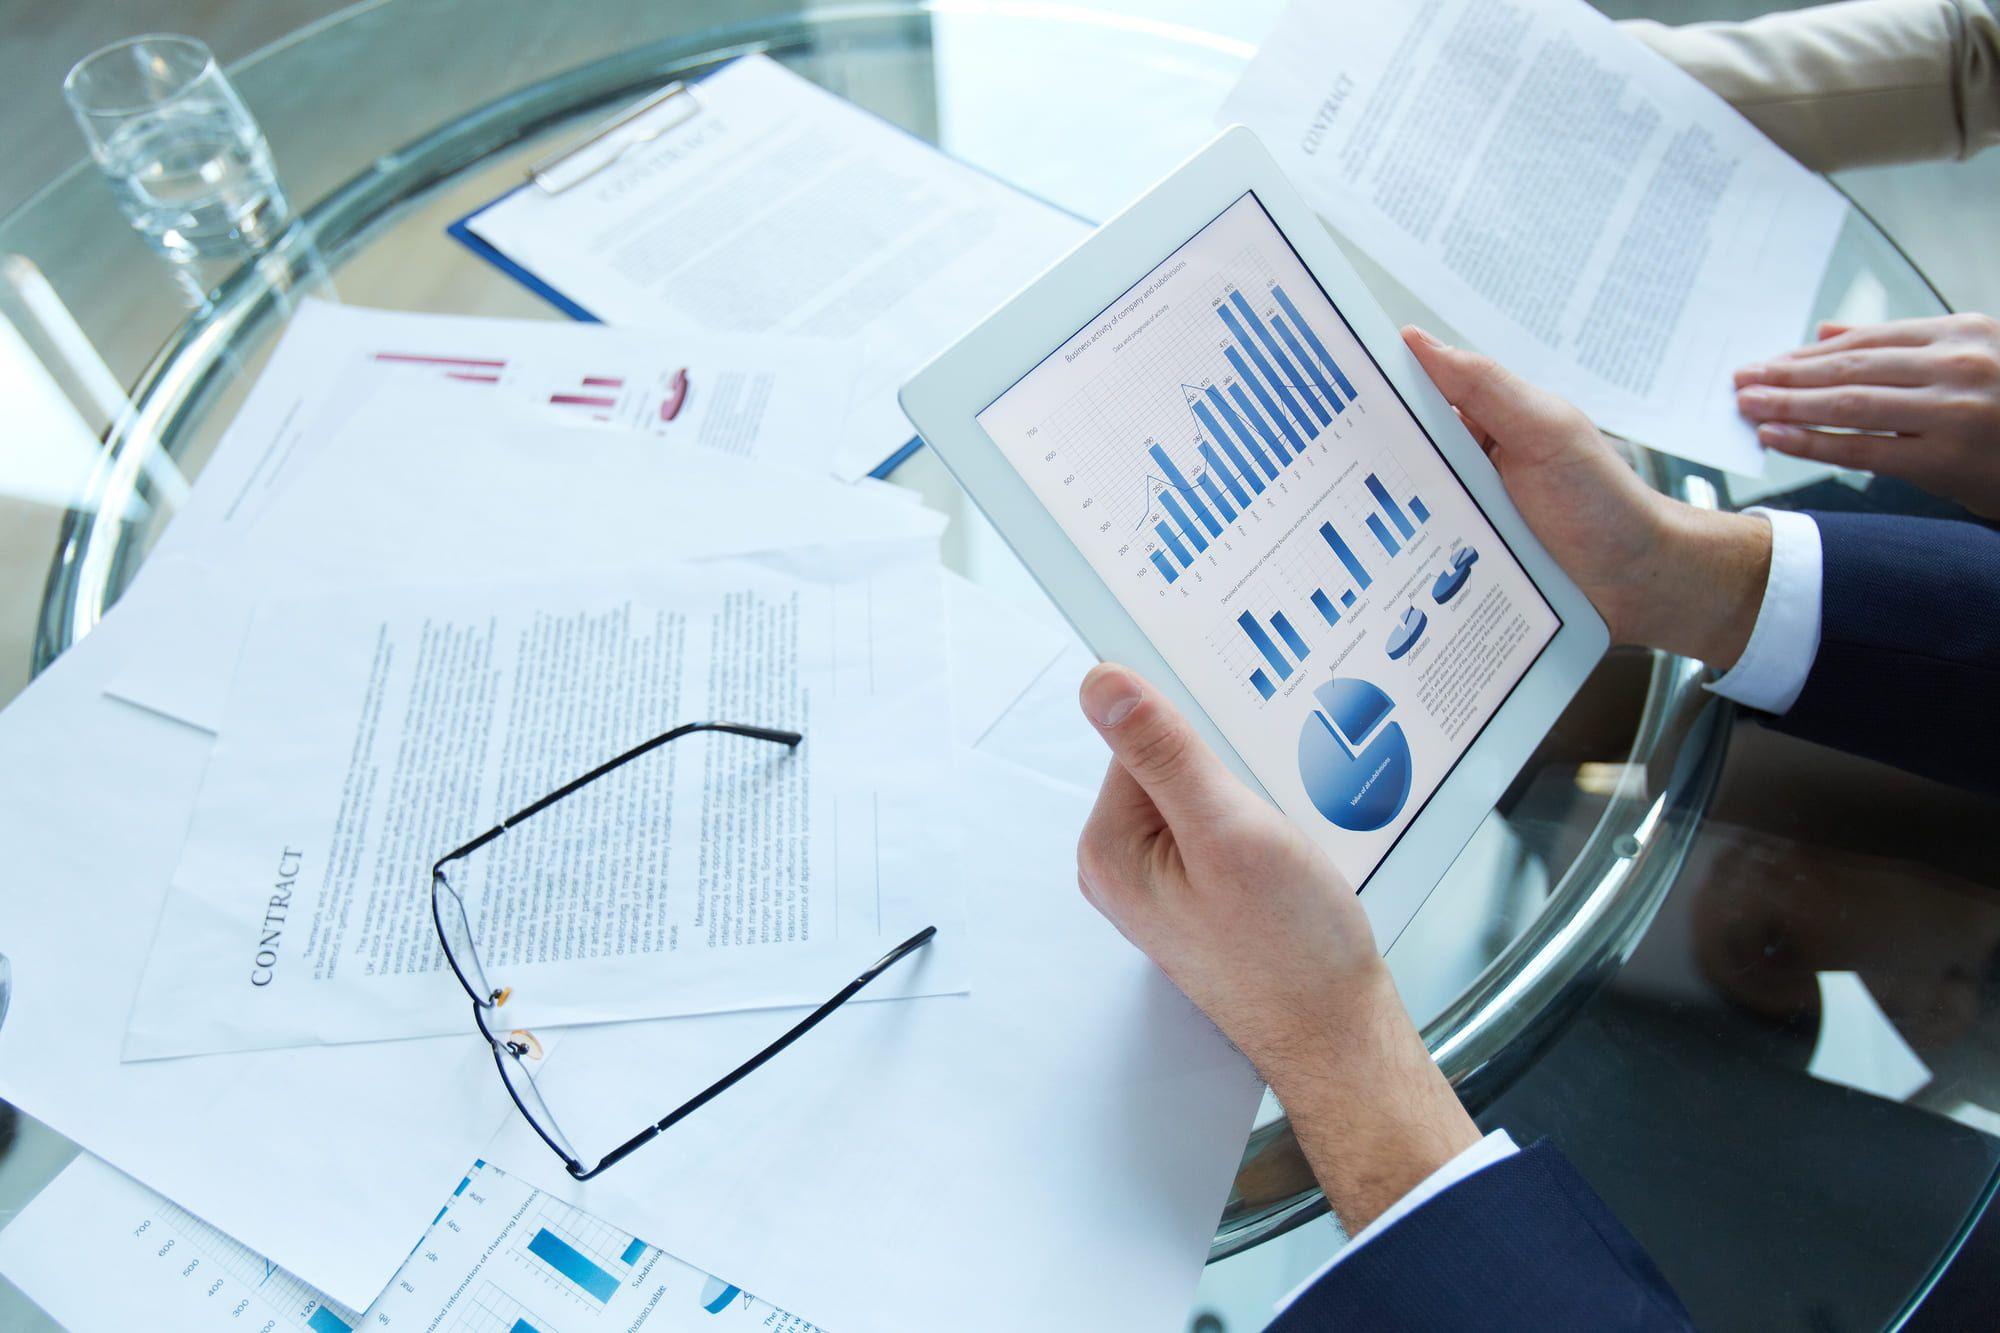 Совет по стандартам финансового учёта США разъясняет взаимодействие между стандартами для финансовых инструментов